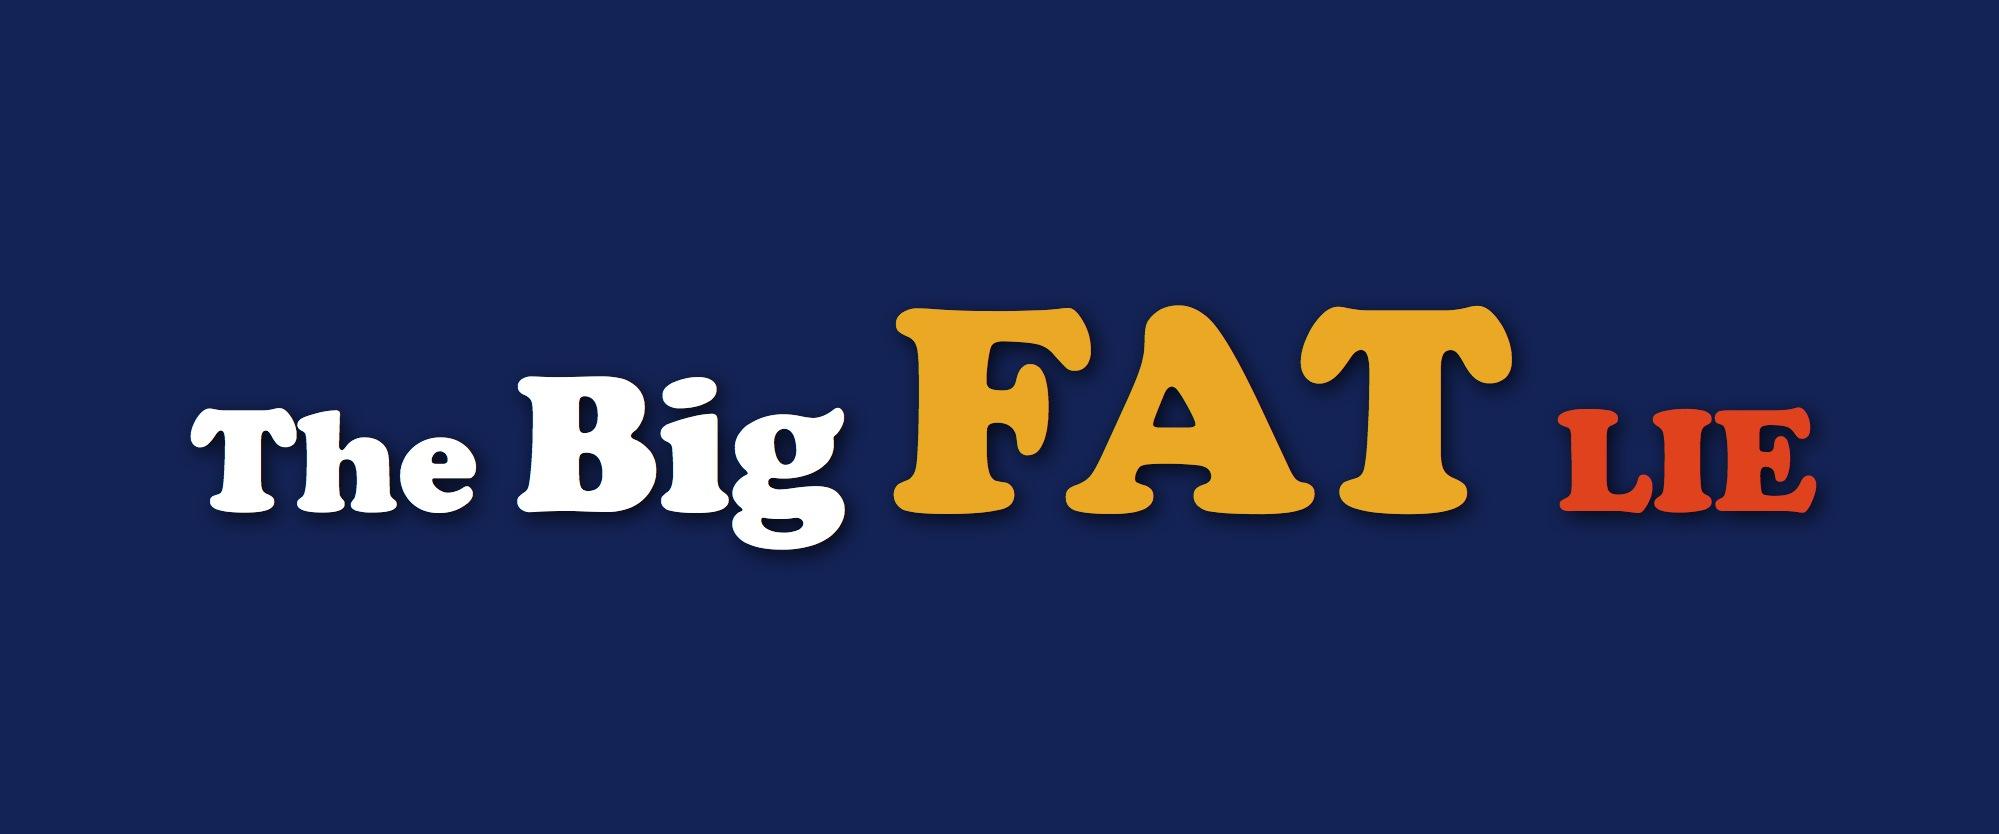 Big-Fat-Lie-Pic-in-JPEG